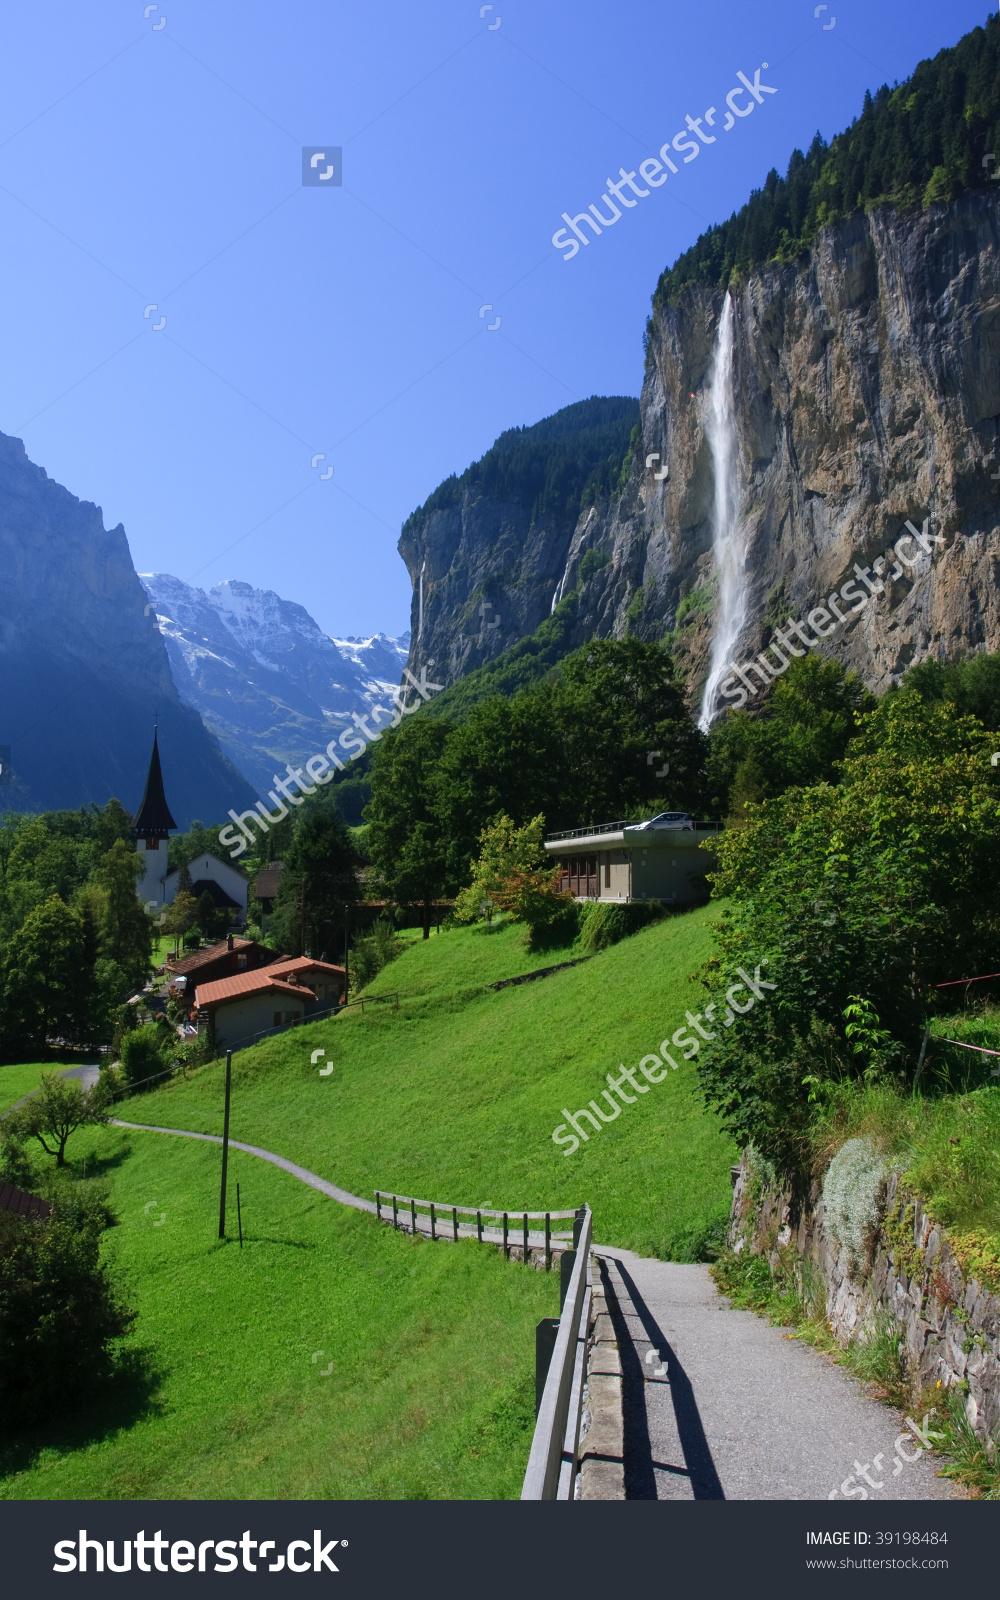 Staubbachfall Beautiful Lauterbrunnen Valley Bernese Oberland.